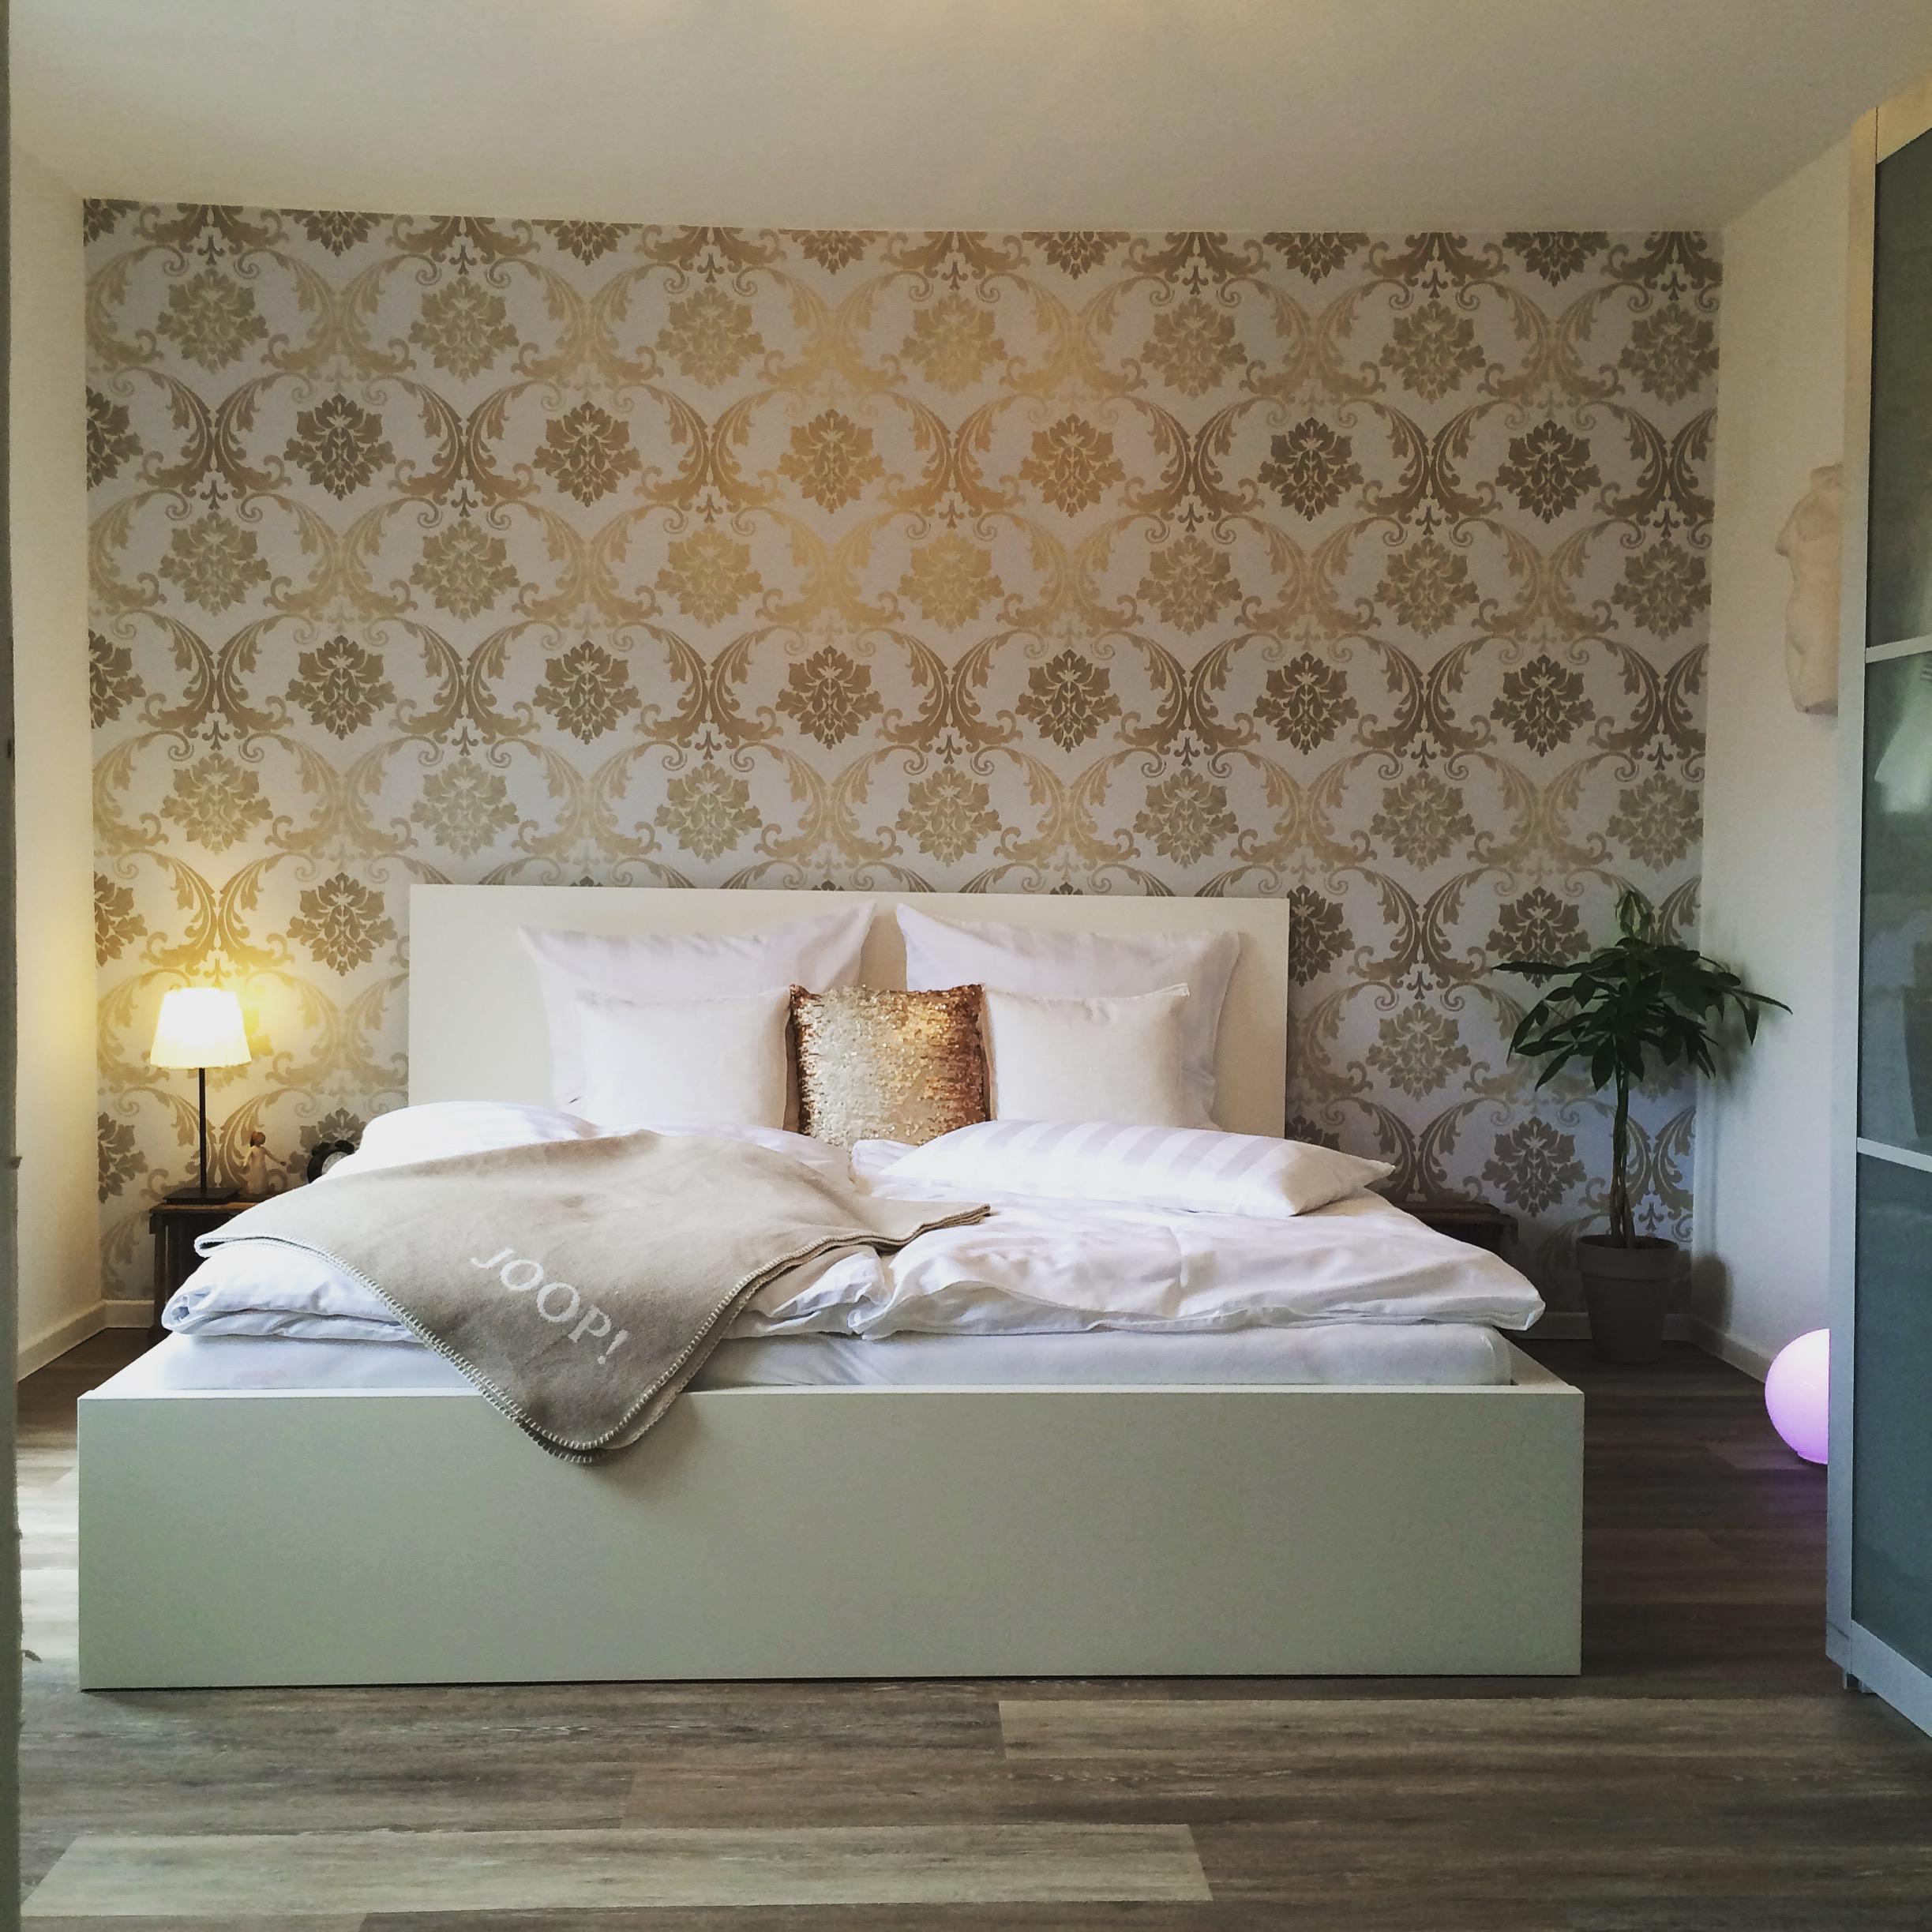 Schlafzimmer #Renovierung #Gold #Weiß #Joop! #Inter